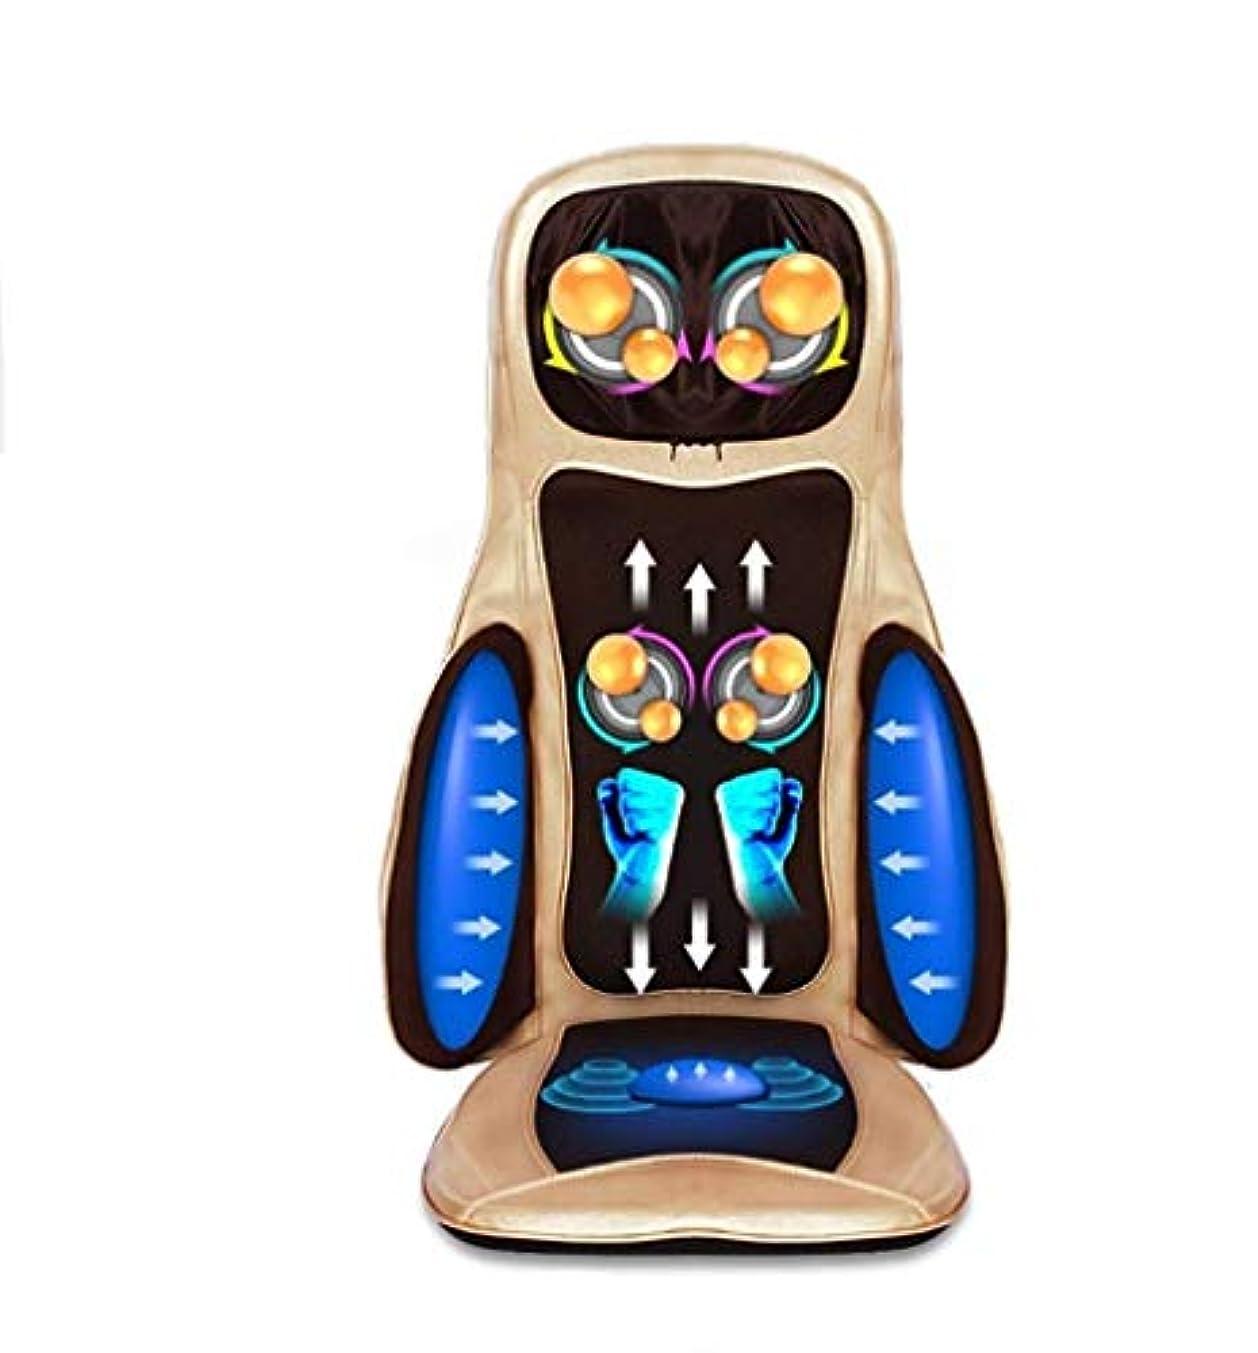 慢性的審判花婿カーマッサージクッション、多機能マッサージクッション、ホームオフィスマッサージャー、全身マッサージマシンの深い混練、熱振動、体の痛みや疲労を軽減